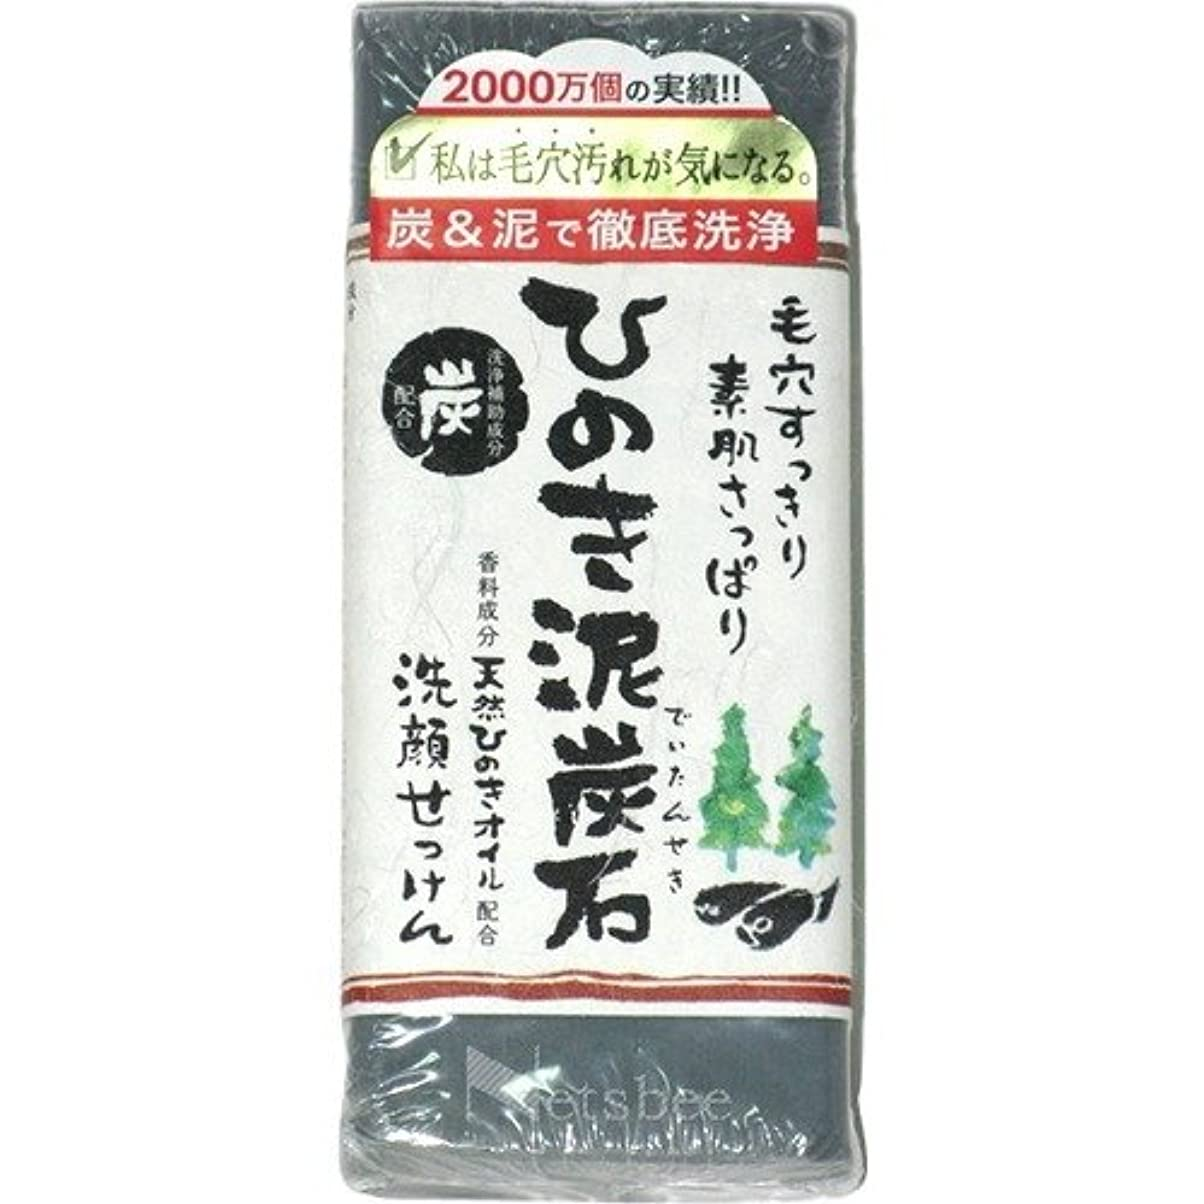 解体する花束楽しいひのき泥炭石 黒 150g